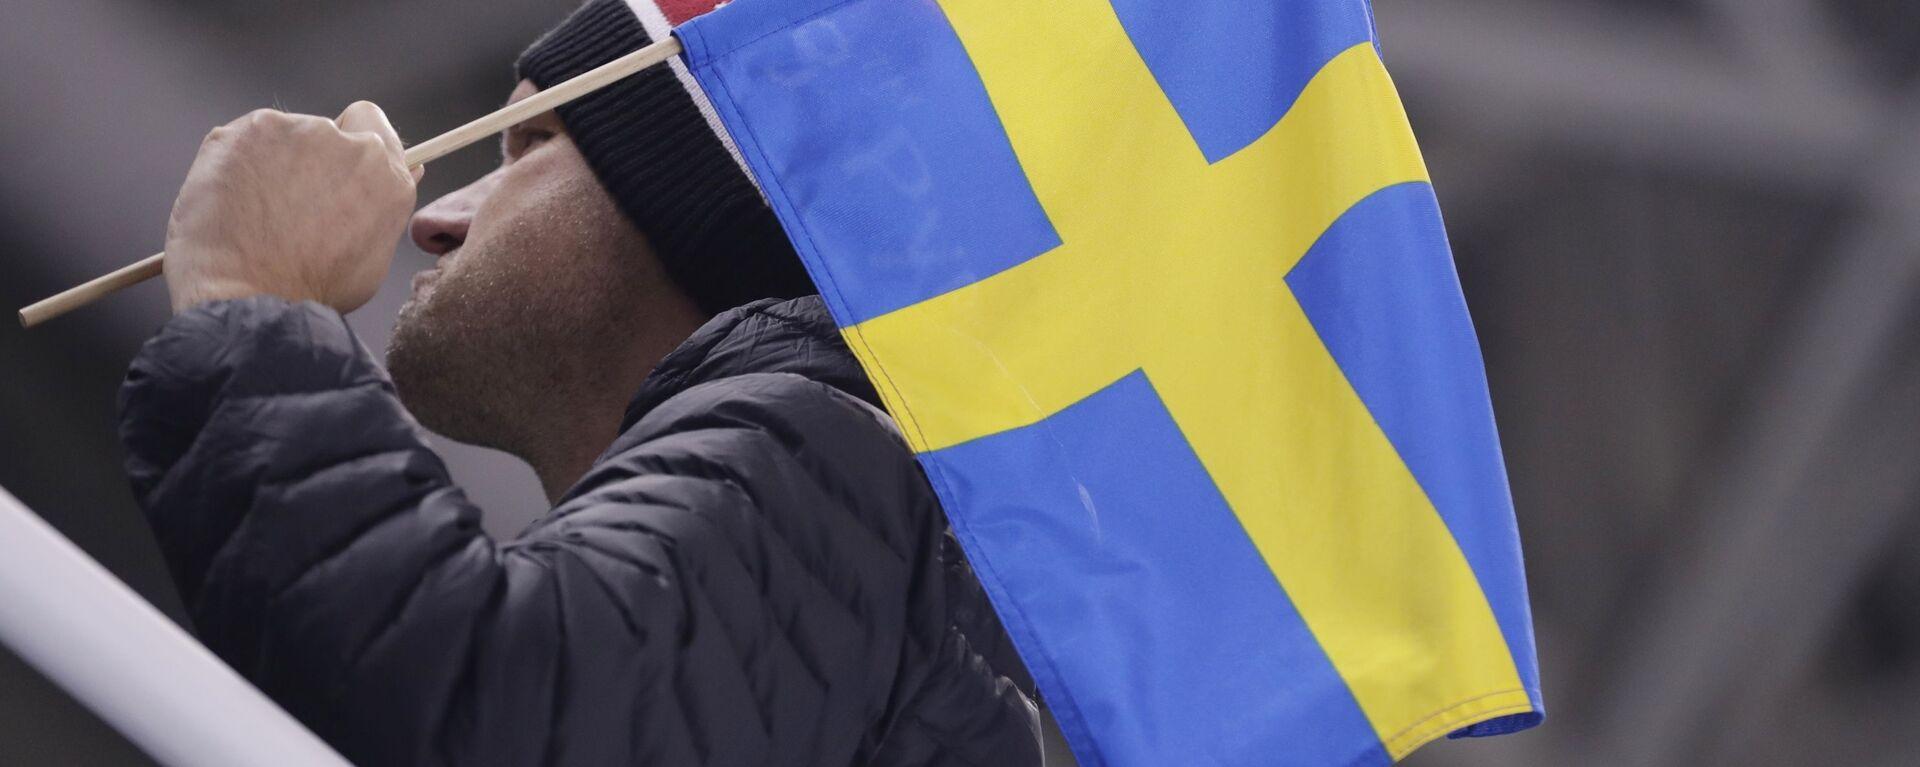 Bandiera svedese - Sputnik Italia, 1920, 24.05.2021